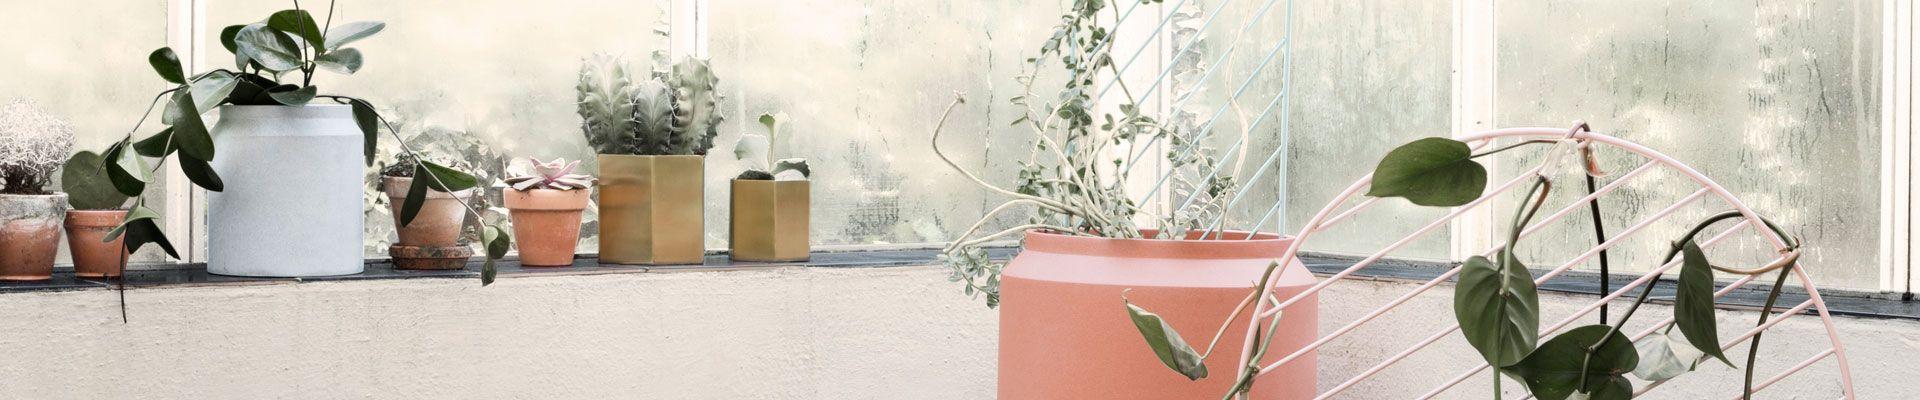 Plantenbakken en Bloempotten buiten